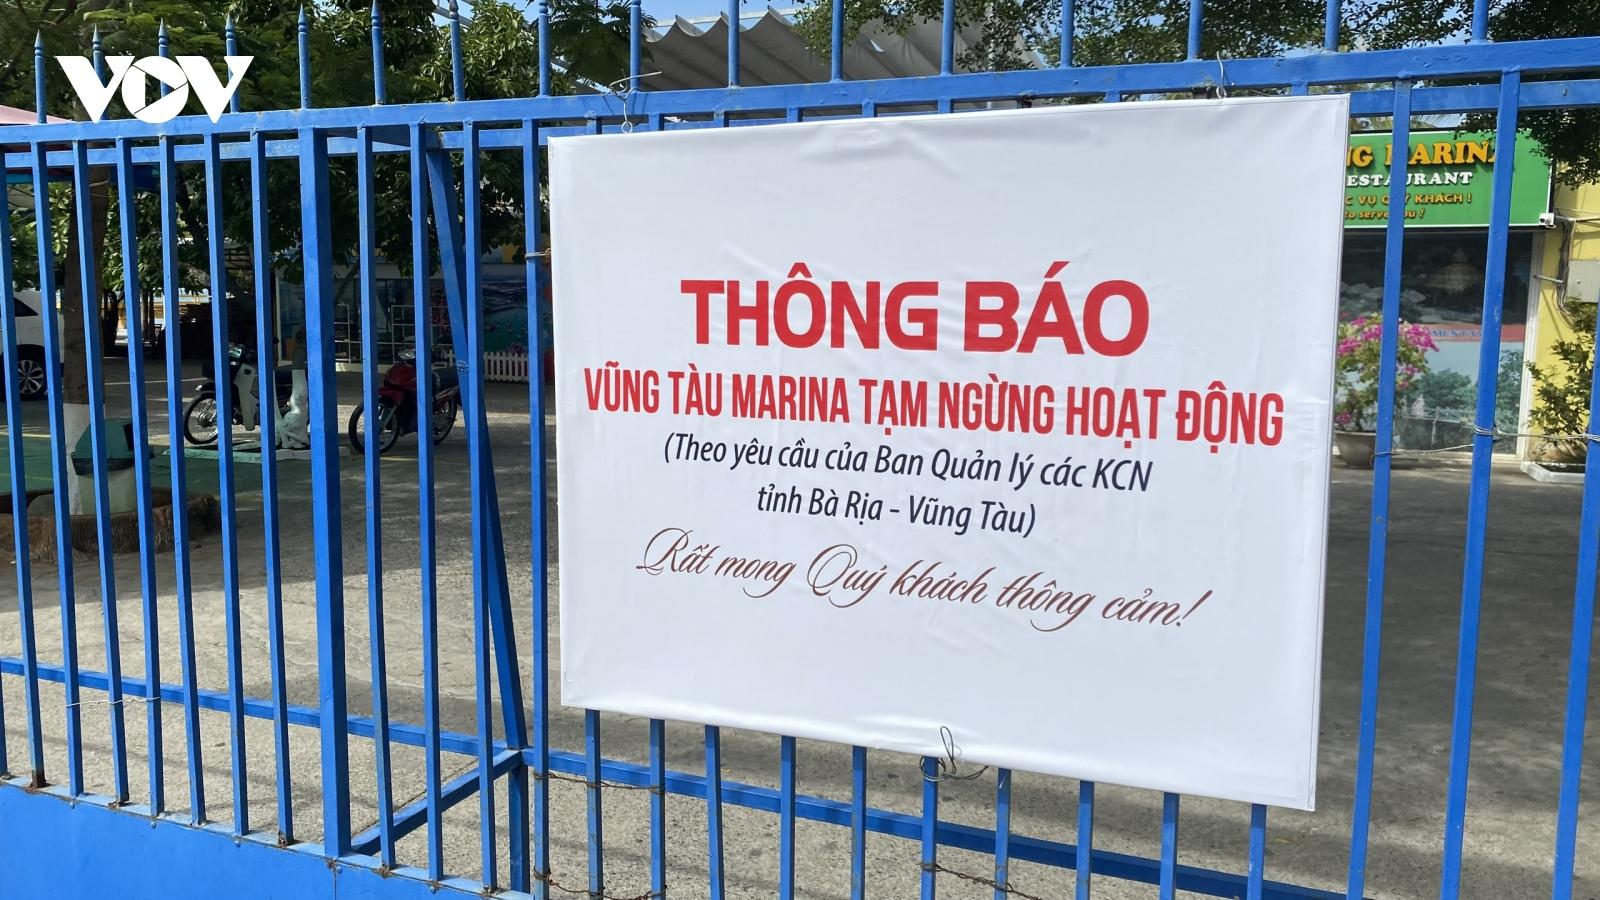 Hàng trăm lao động nguy cơ mất Tết vì Vũng Tàu-Marina bị buộc dừng hoạt động